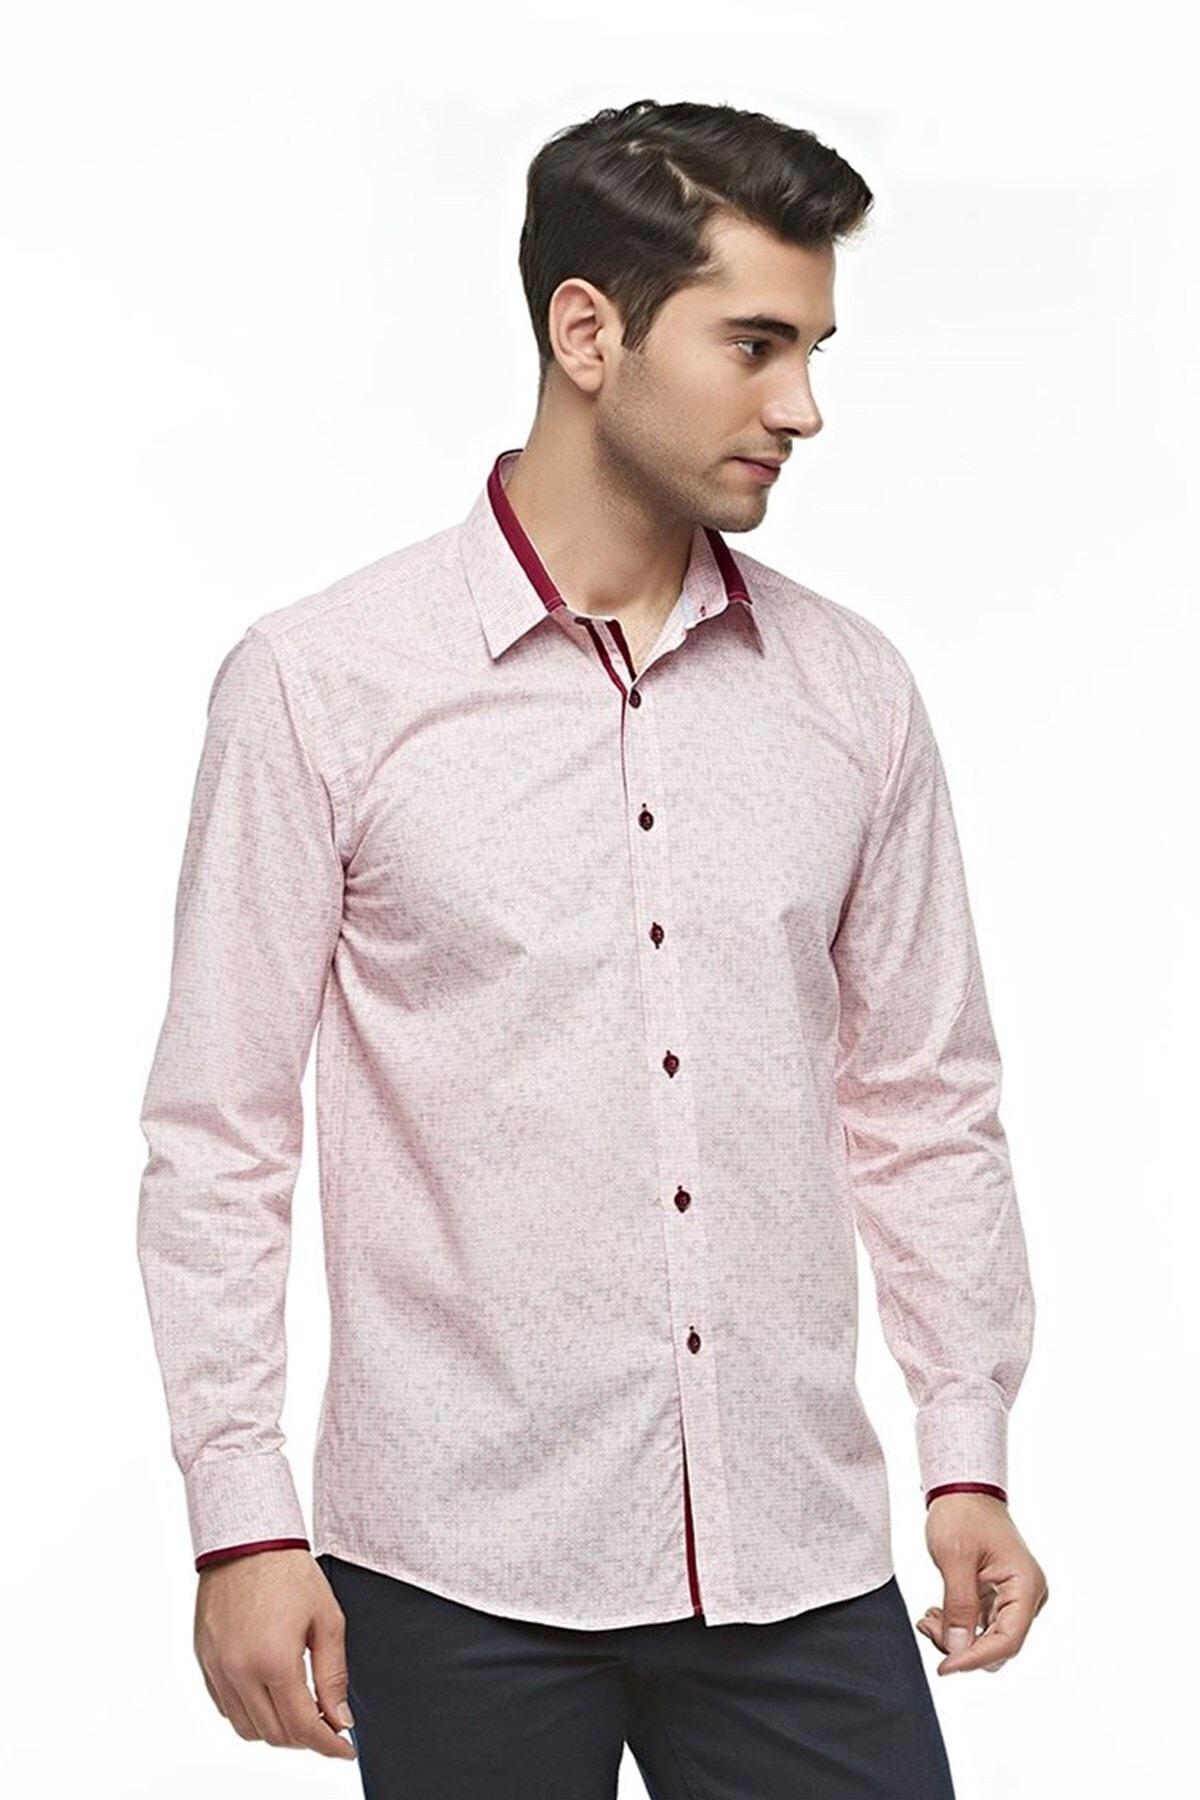 Ottomoda Uzun Kollu Geometrik Desenli Erkek Gömlek Kırmızı-bej 1